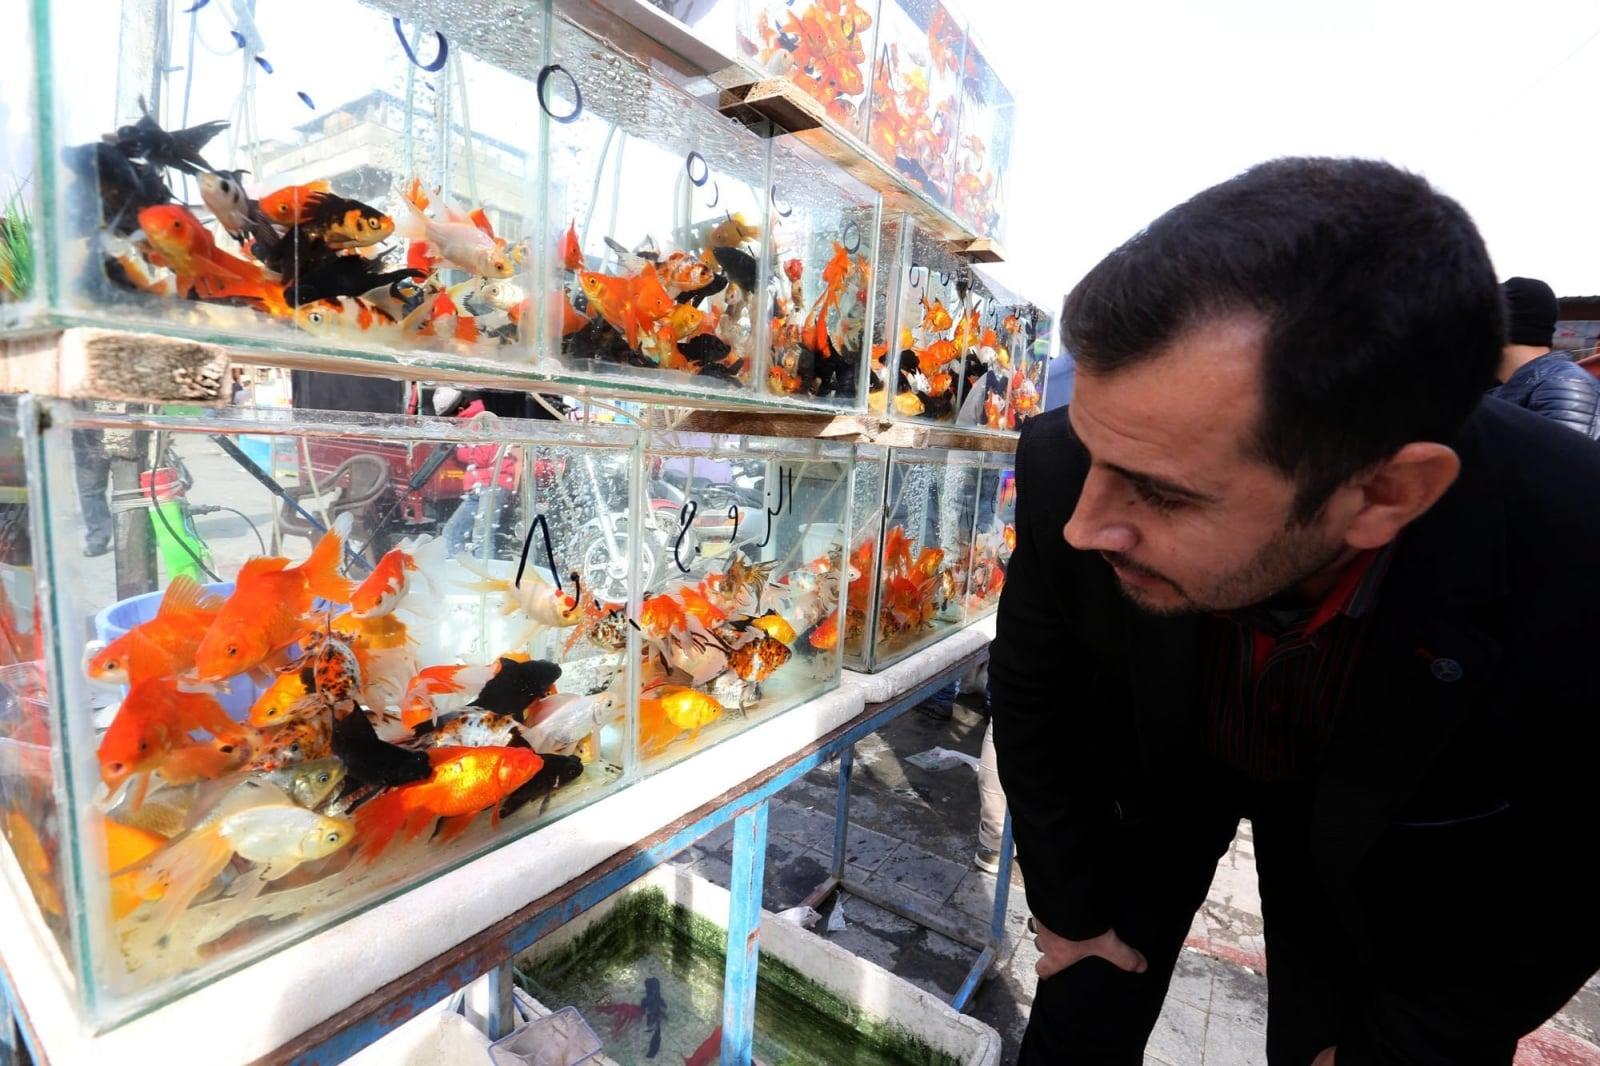 Cotygodniowye targi ptactwa i zwierząt w środkowym Bagdadzie, Irak, fot.EPA/ALI ABBAS